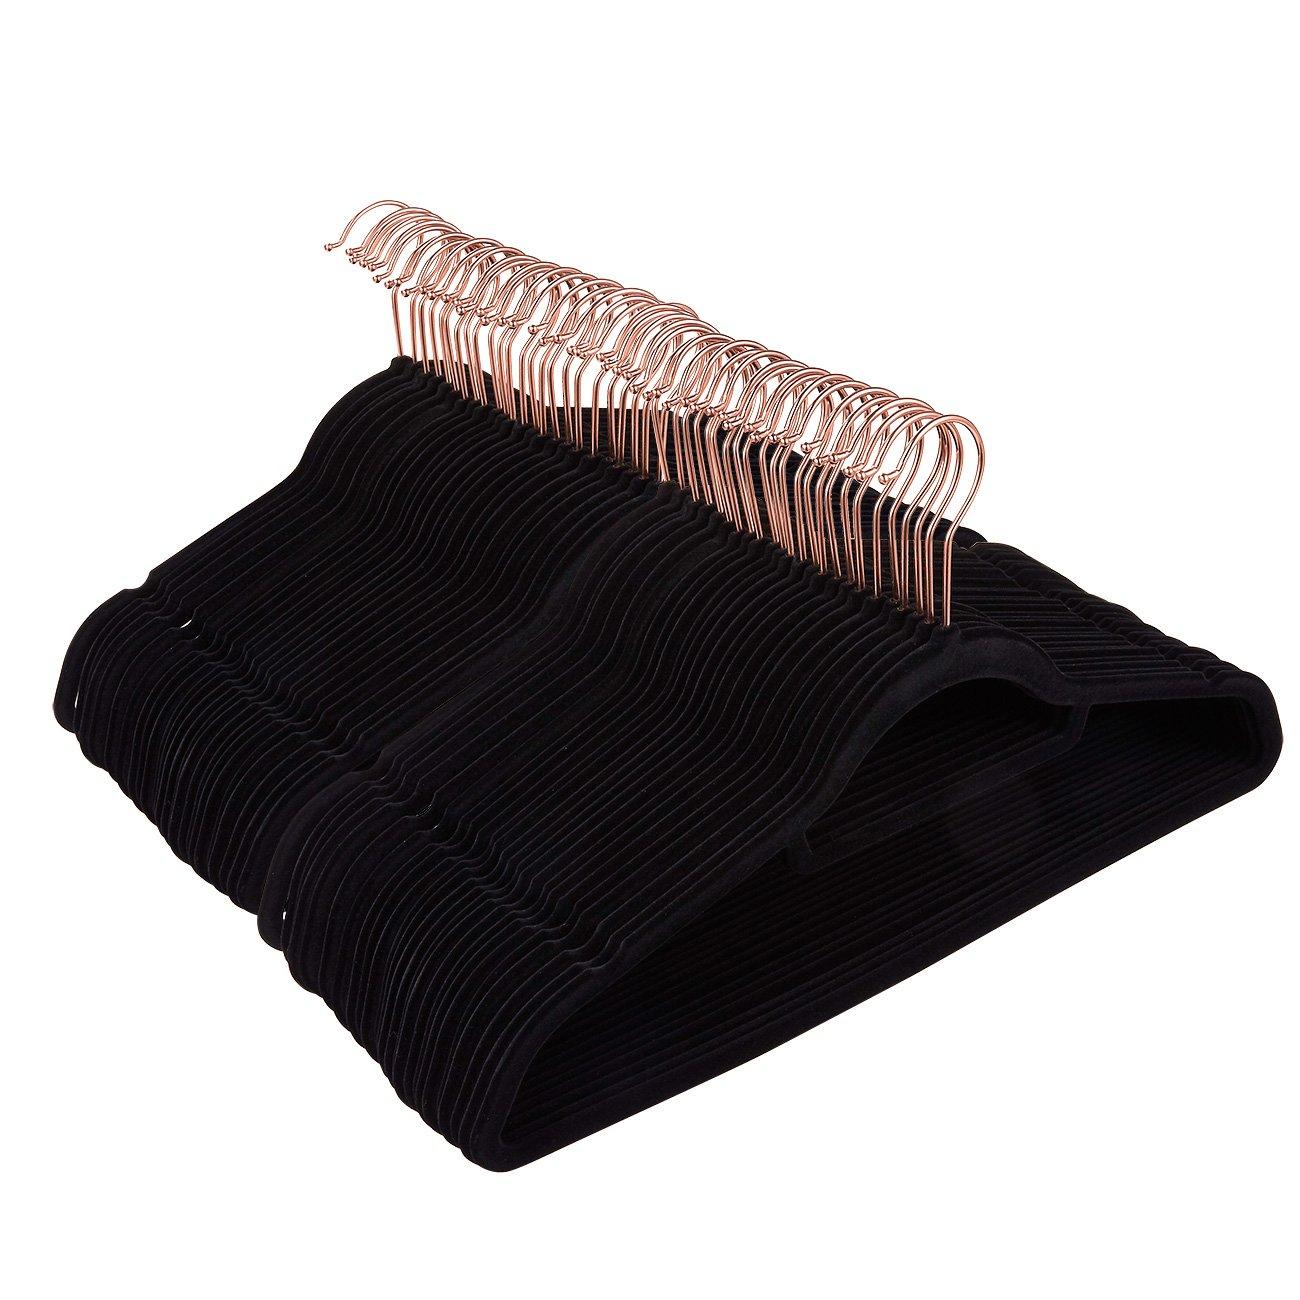 Juvale 50 Pack Black Velvet Hangers - Non Slip Hangers with Rose Gold Hooks and Accessory Bar - Thin Hangers - Non Slip Hangers, Black, 17.5 x 9.2 x 0.2 Inches